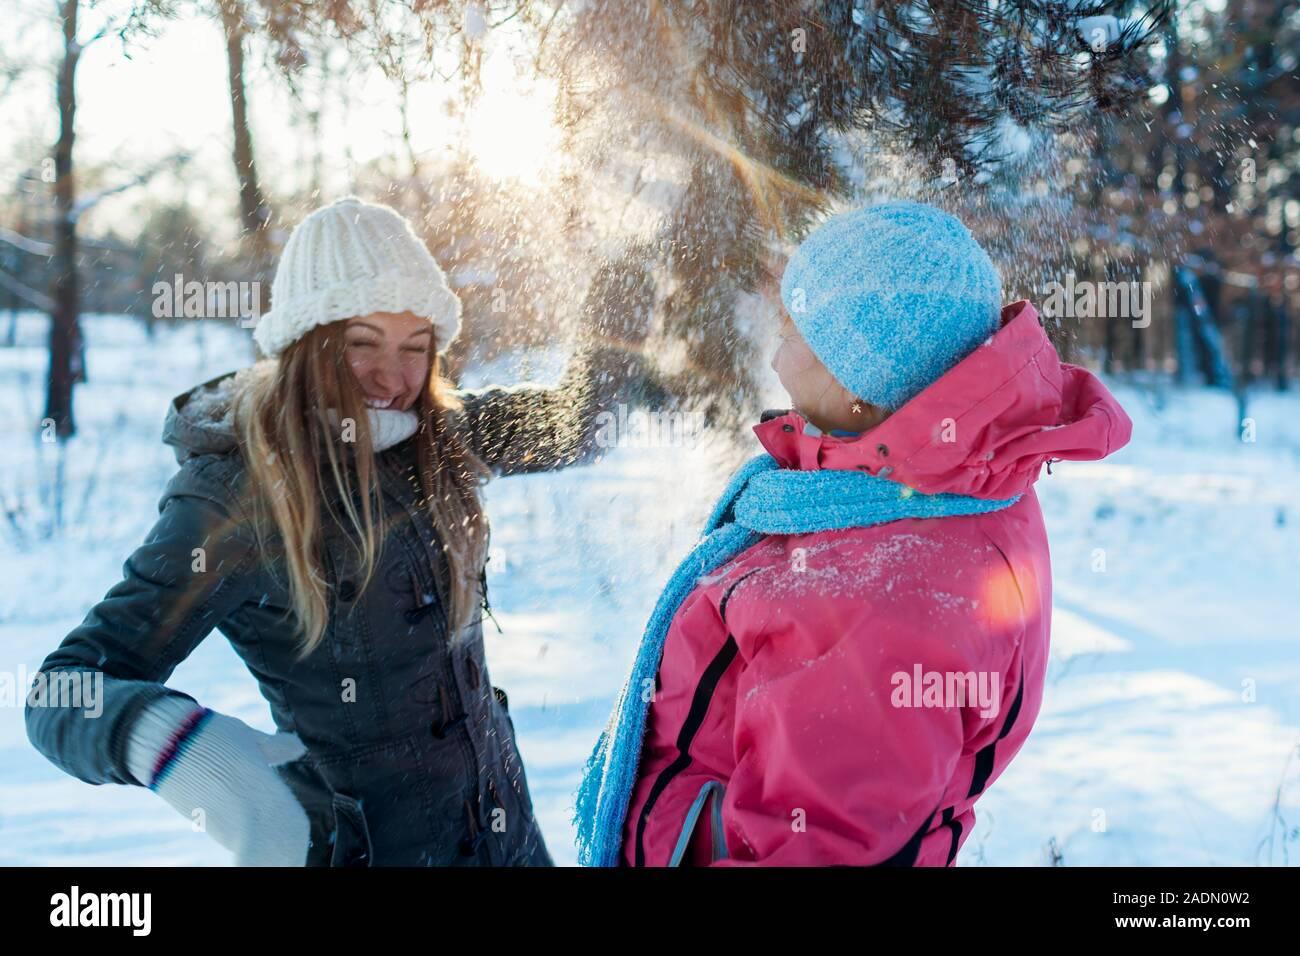 Divertidas actividades de invierno. Madre e hija adulta agitando ramas con nieve afuera. Familia de vacaciones relajantes Foto de stock